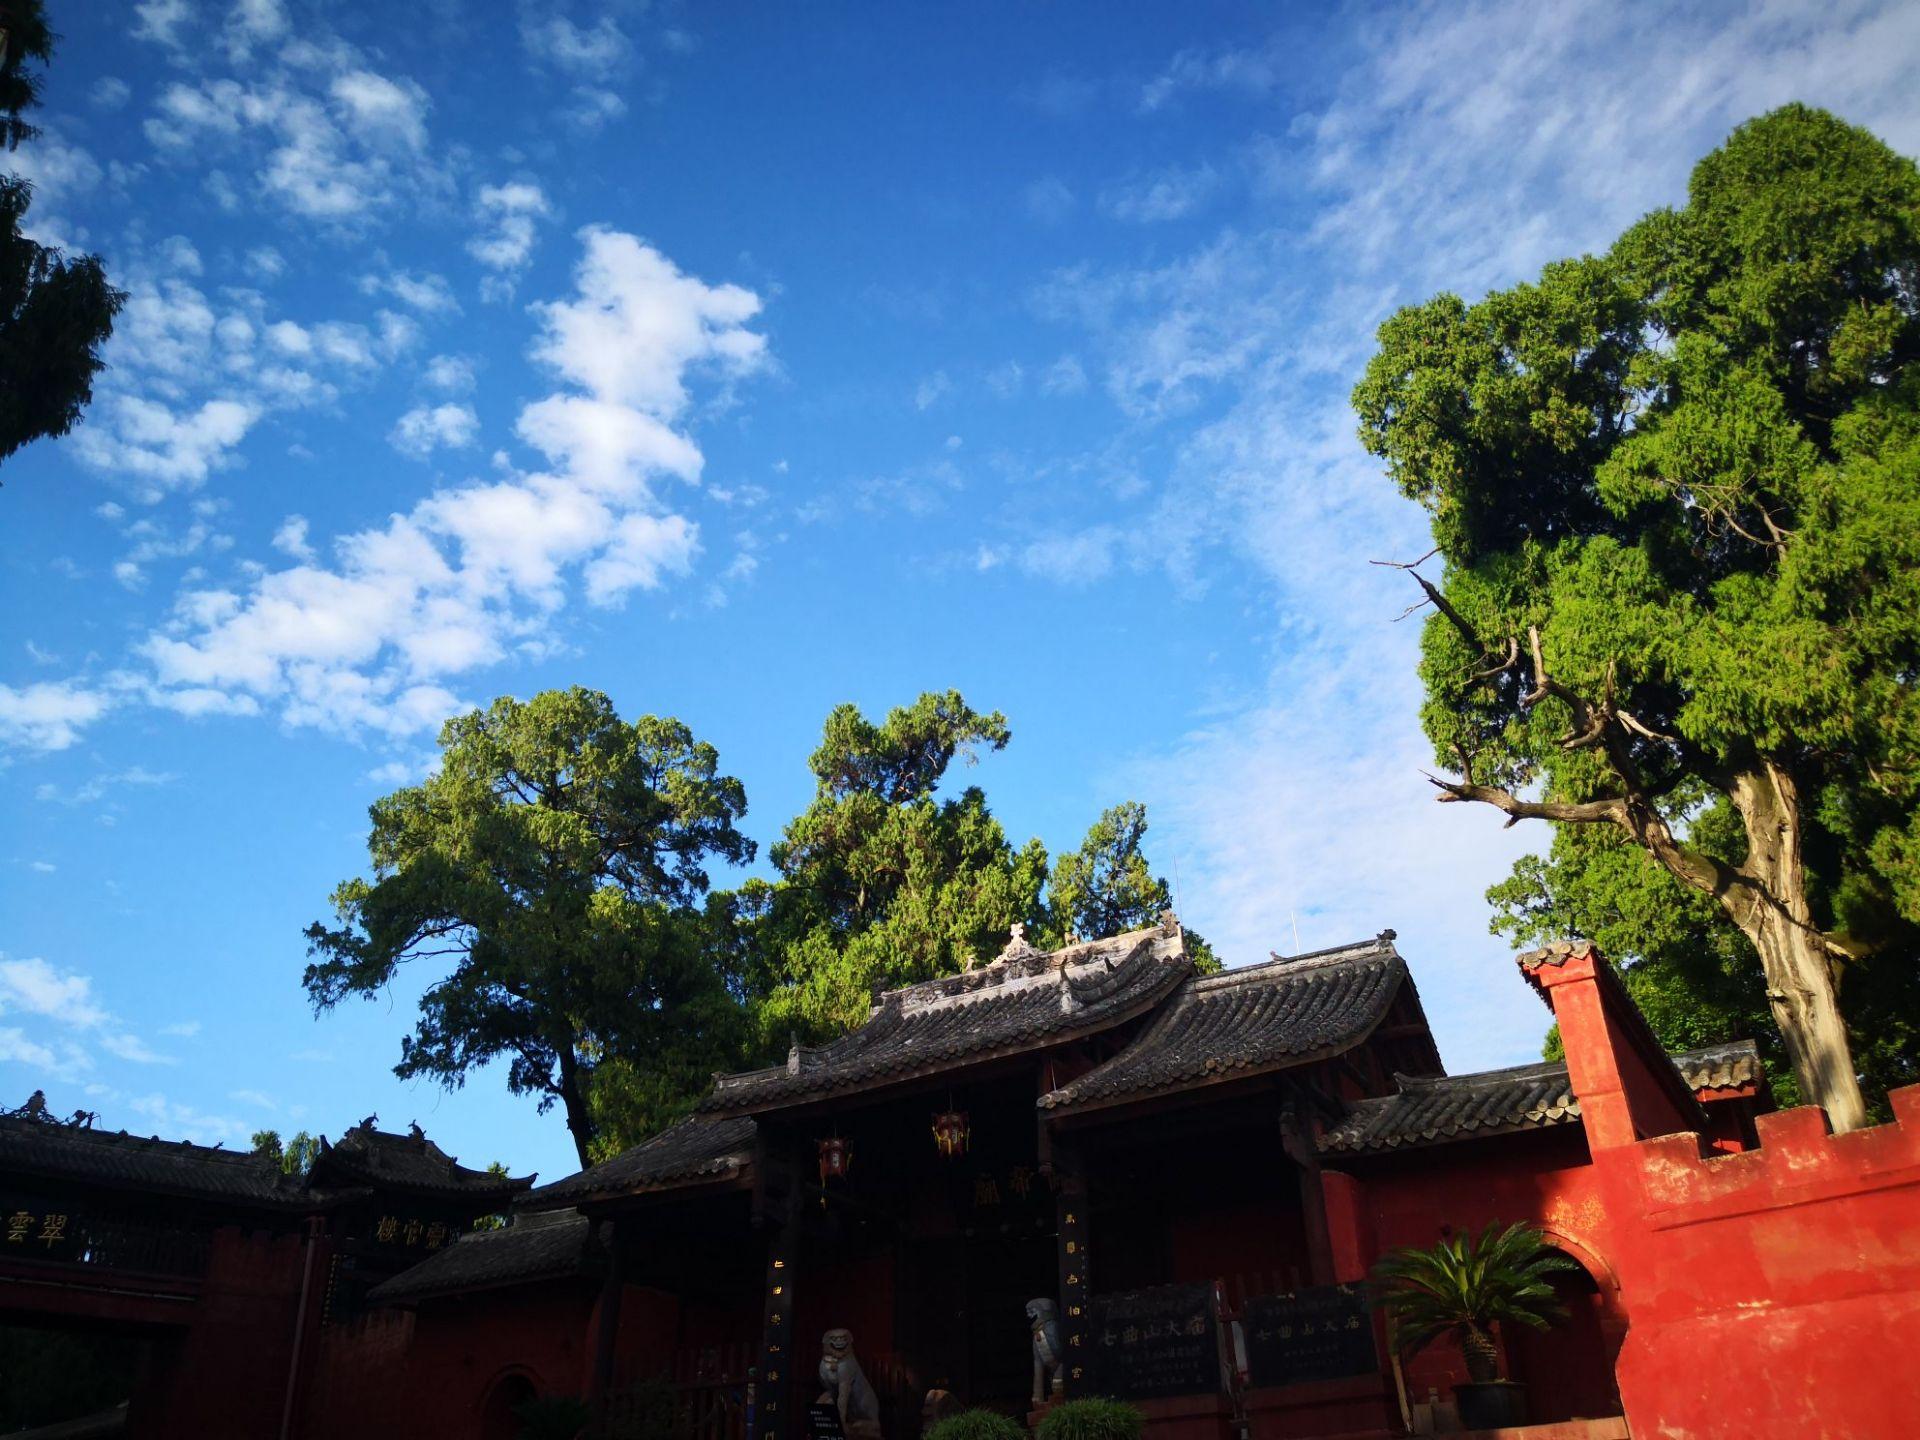 七曲山風景區